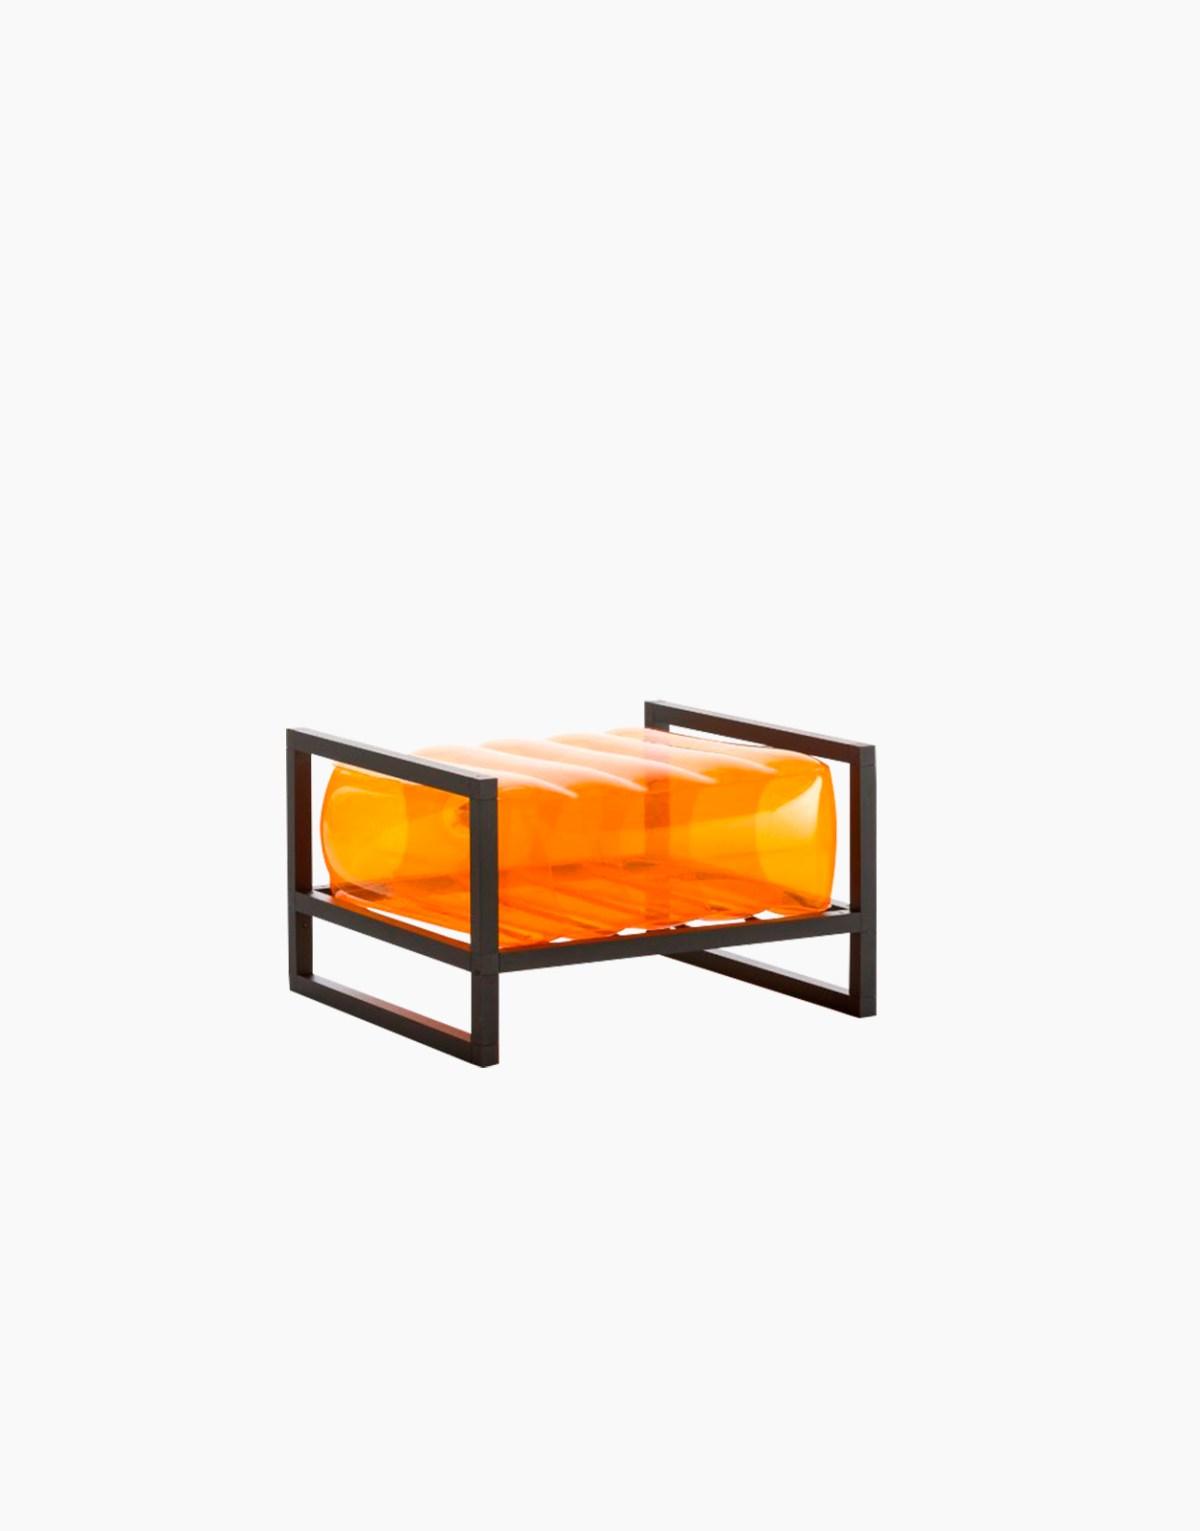 Revendeur de Mojow solution design fr mobilier assises fauteuil Yoko orange cristal